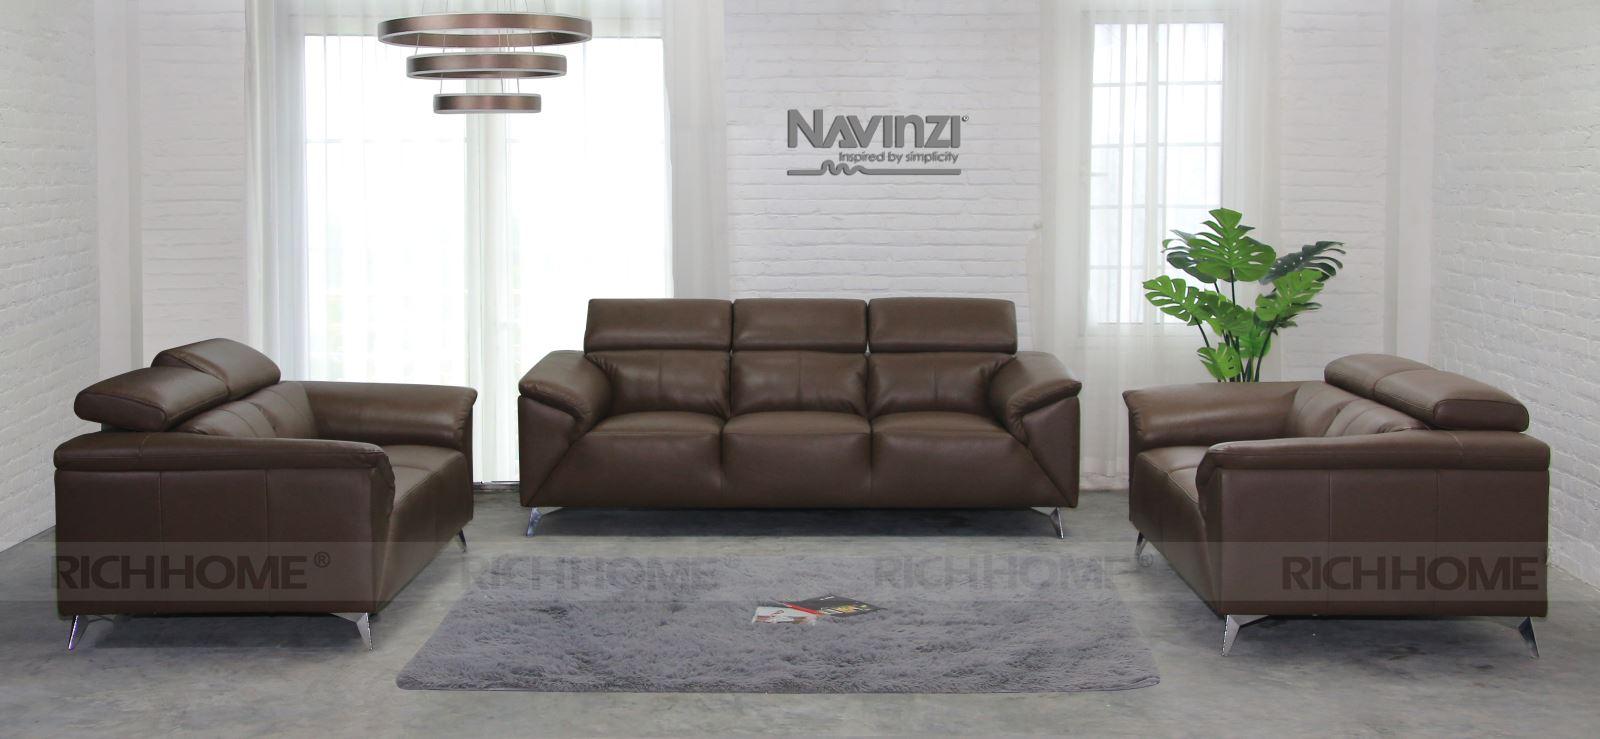 Sofa băng da Navinzi Magic kiểu 2+2+3 - Có 20 màu sắc tùy chọn